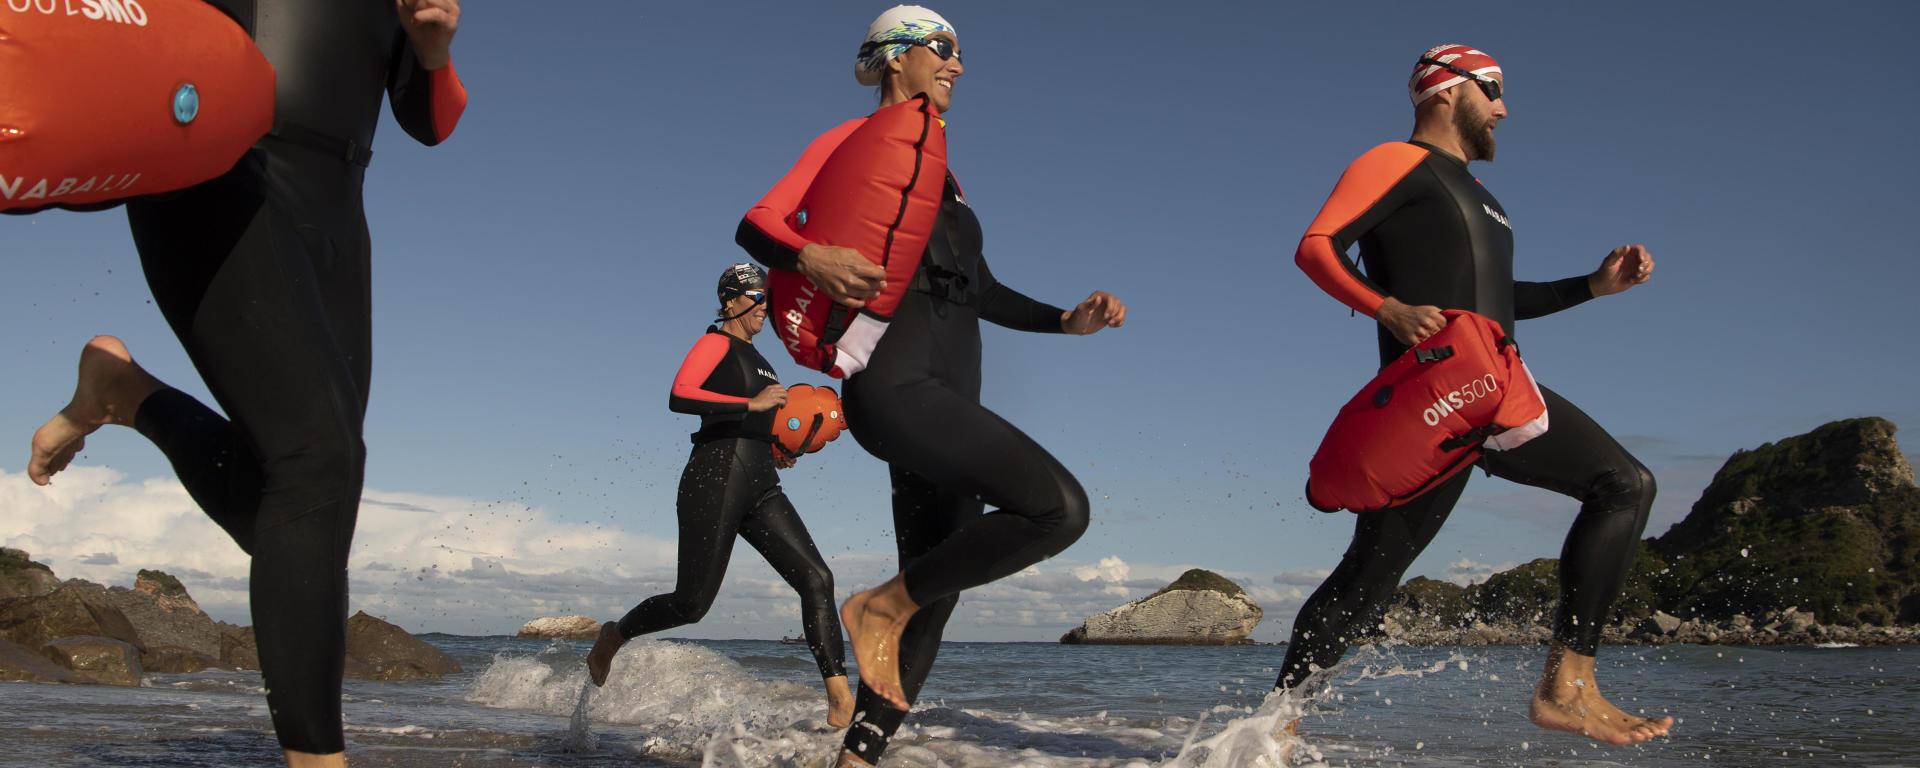 Equipement de nage en natation nage en eau libre (combinaisons, bouée...)